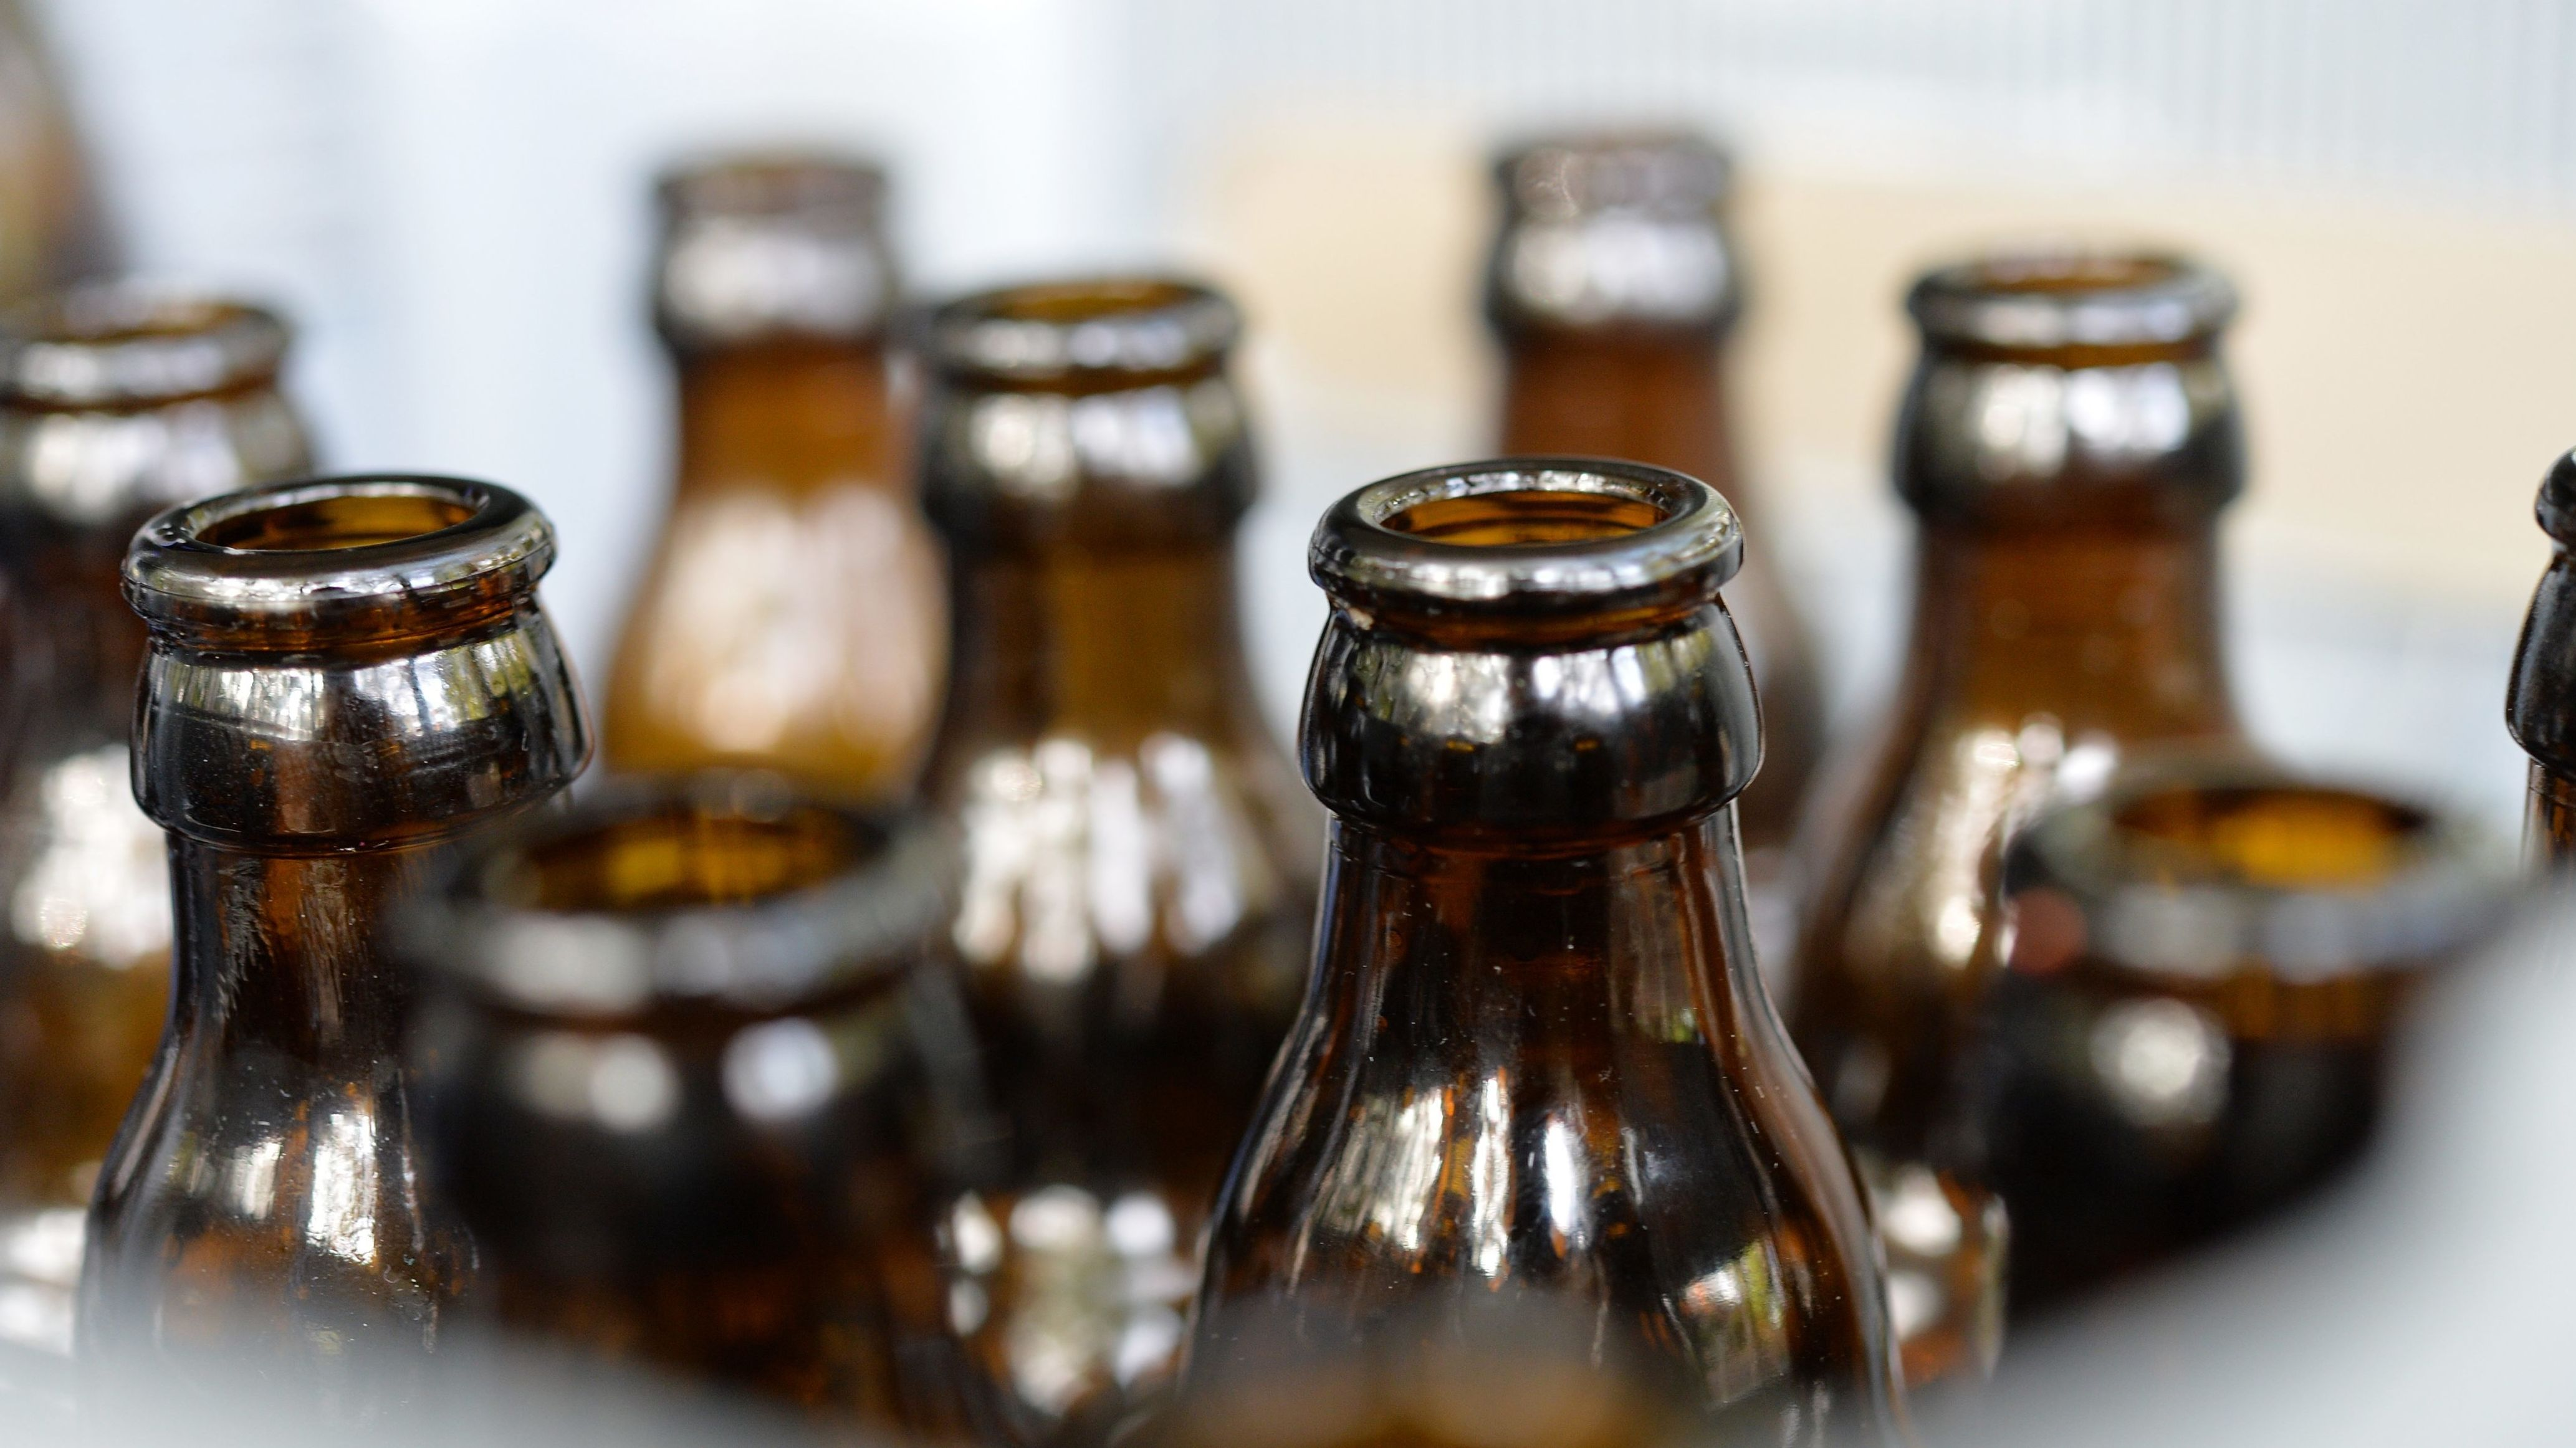 Bierflaschen im Kasten